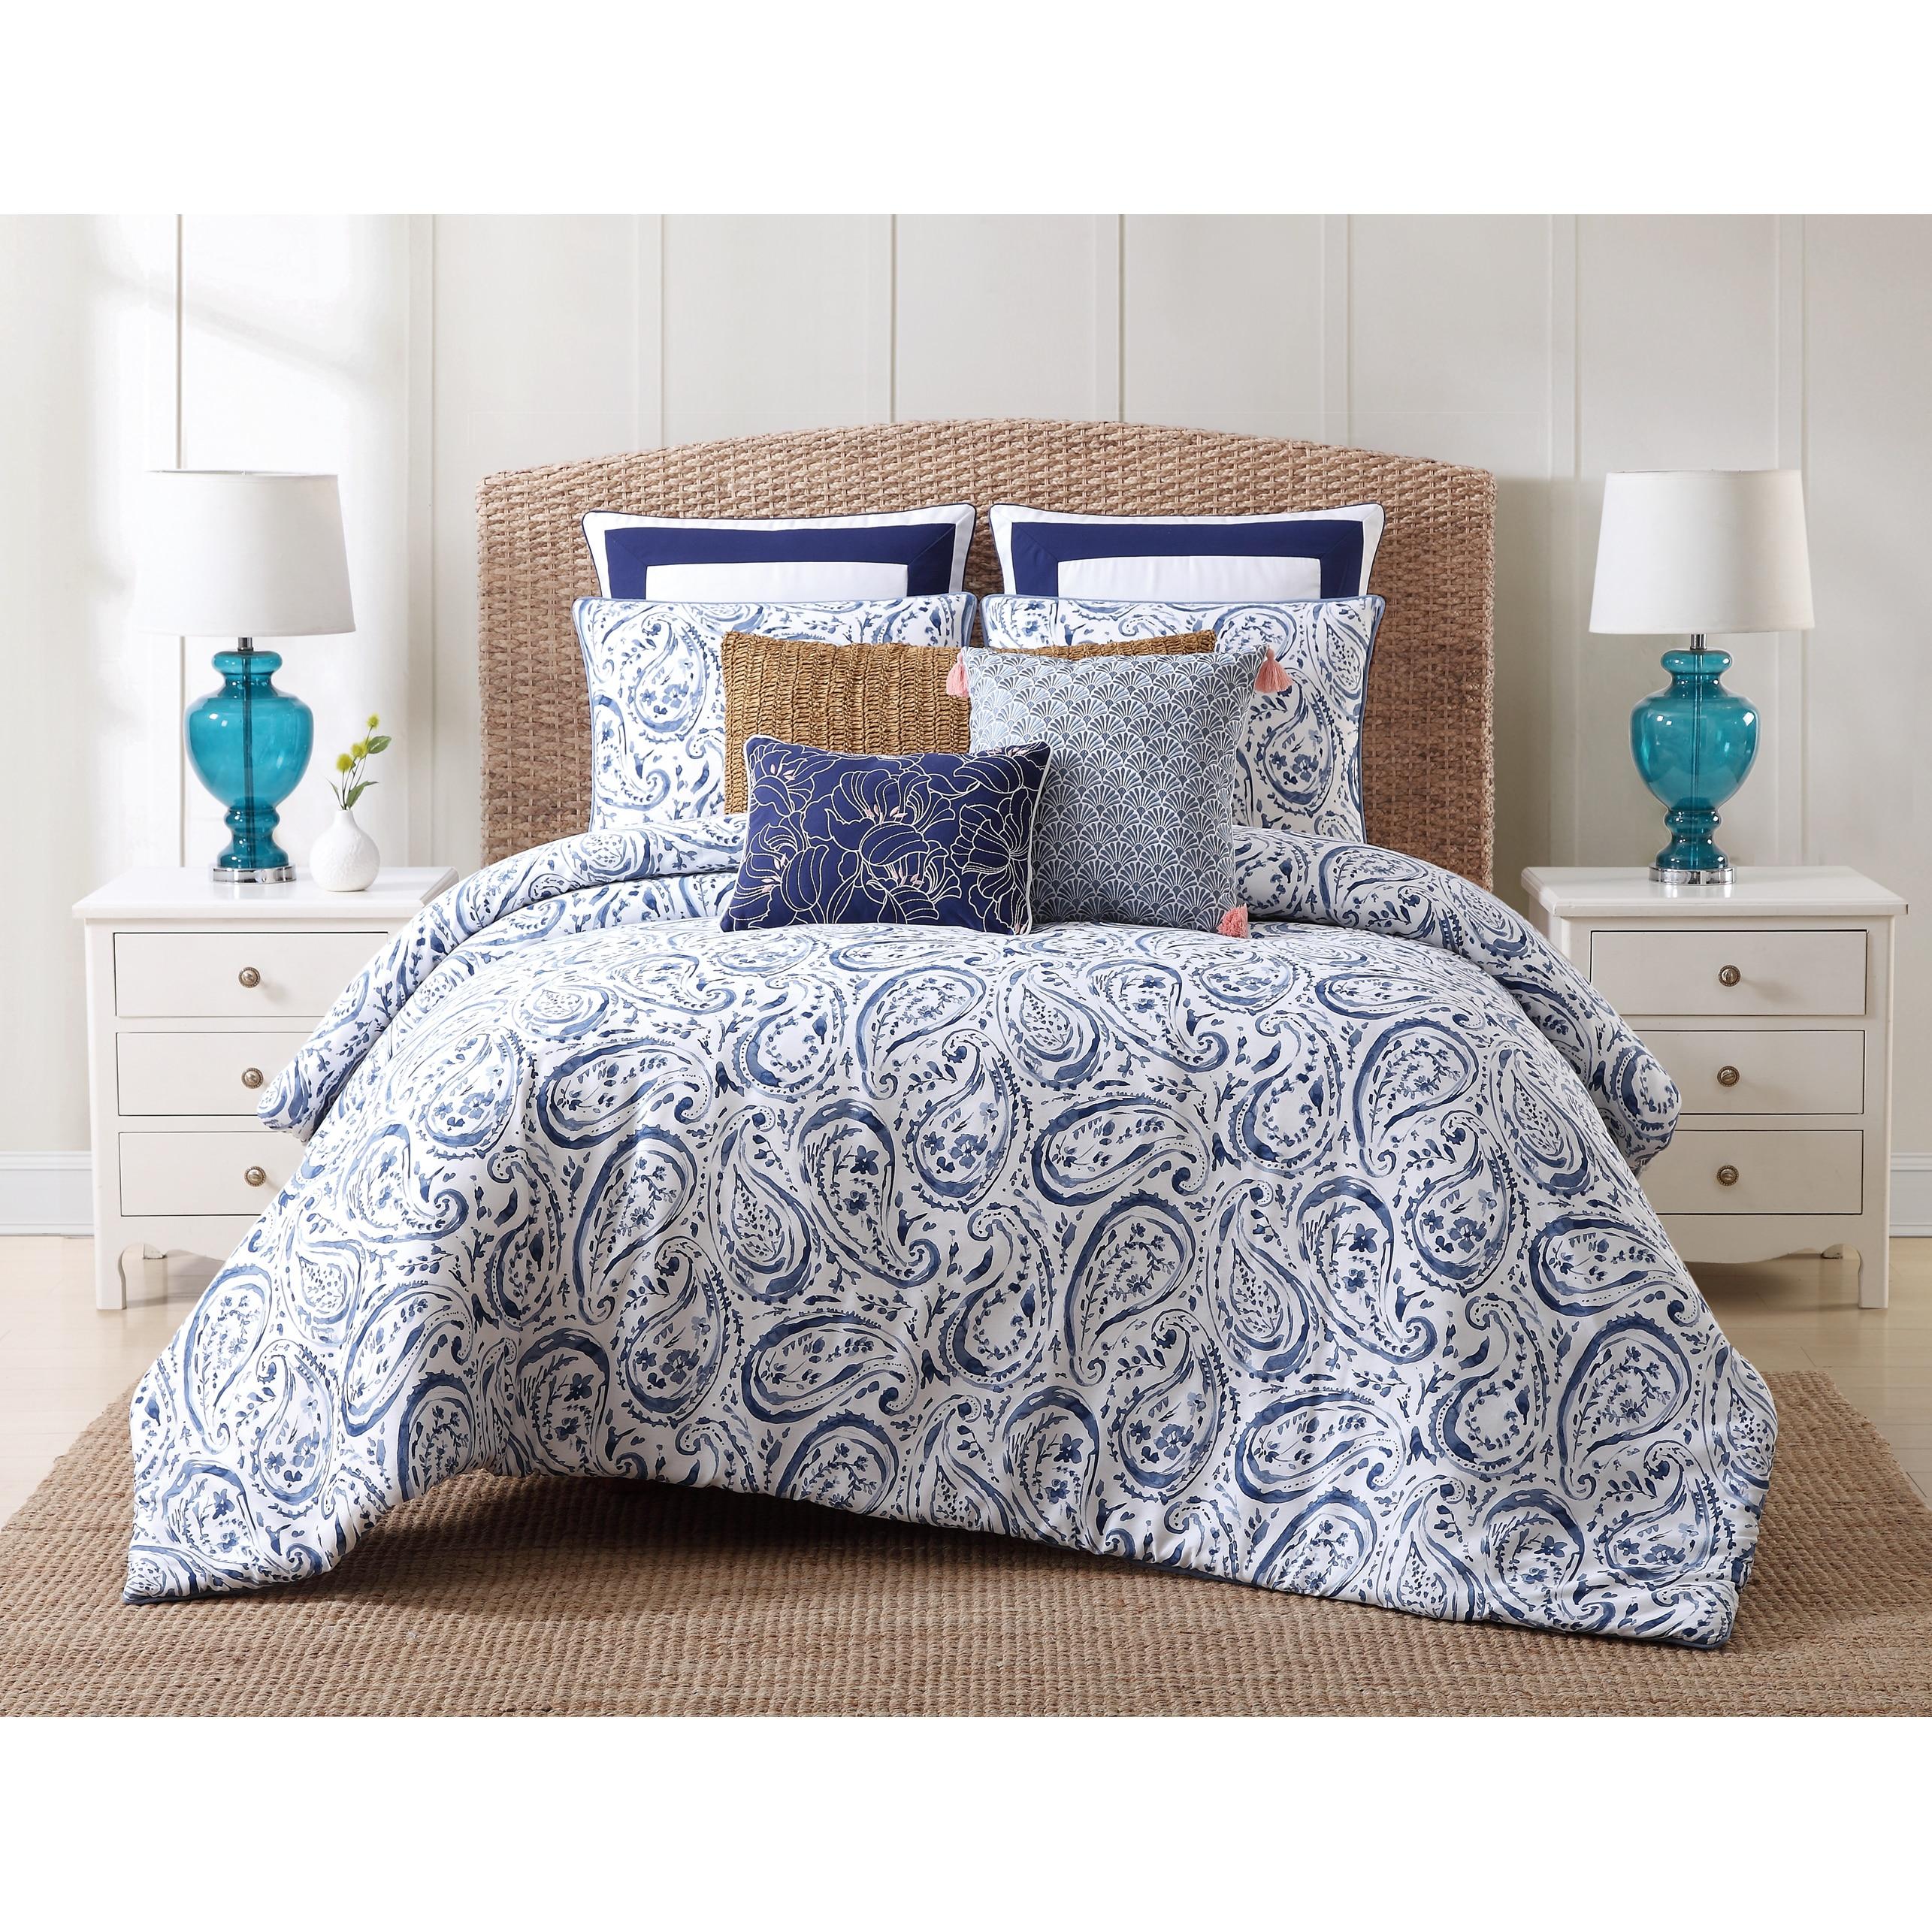 Oceanfront Resort Indienne Paisley Cotton Comforter Set On Sale Overstock 16411055